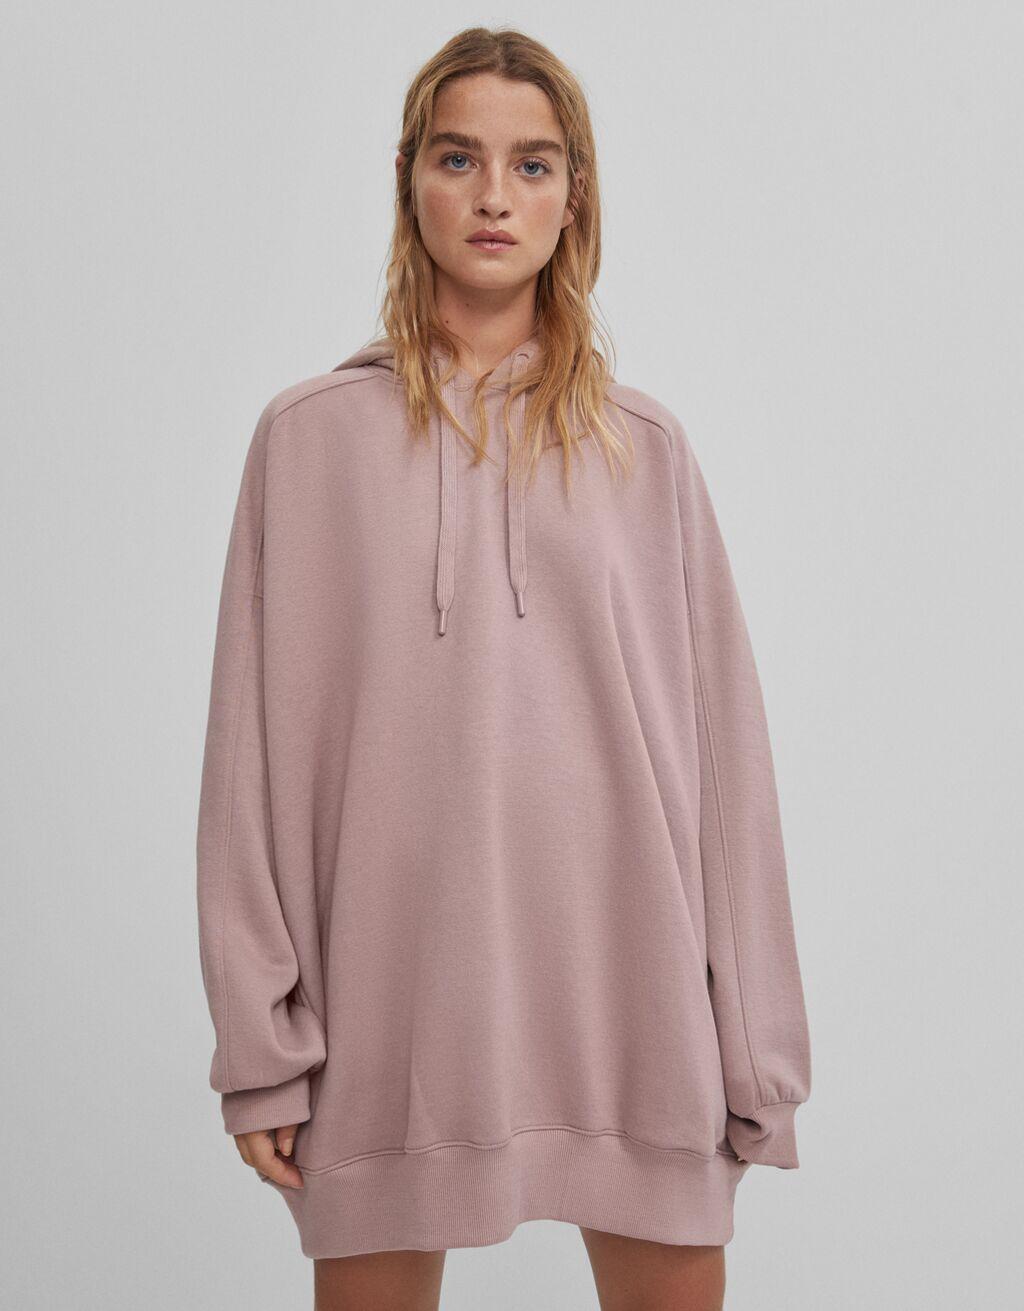 Sudadera capucha oversize rosa